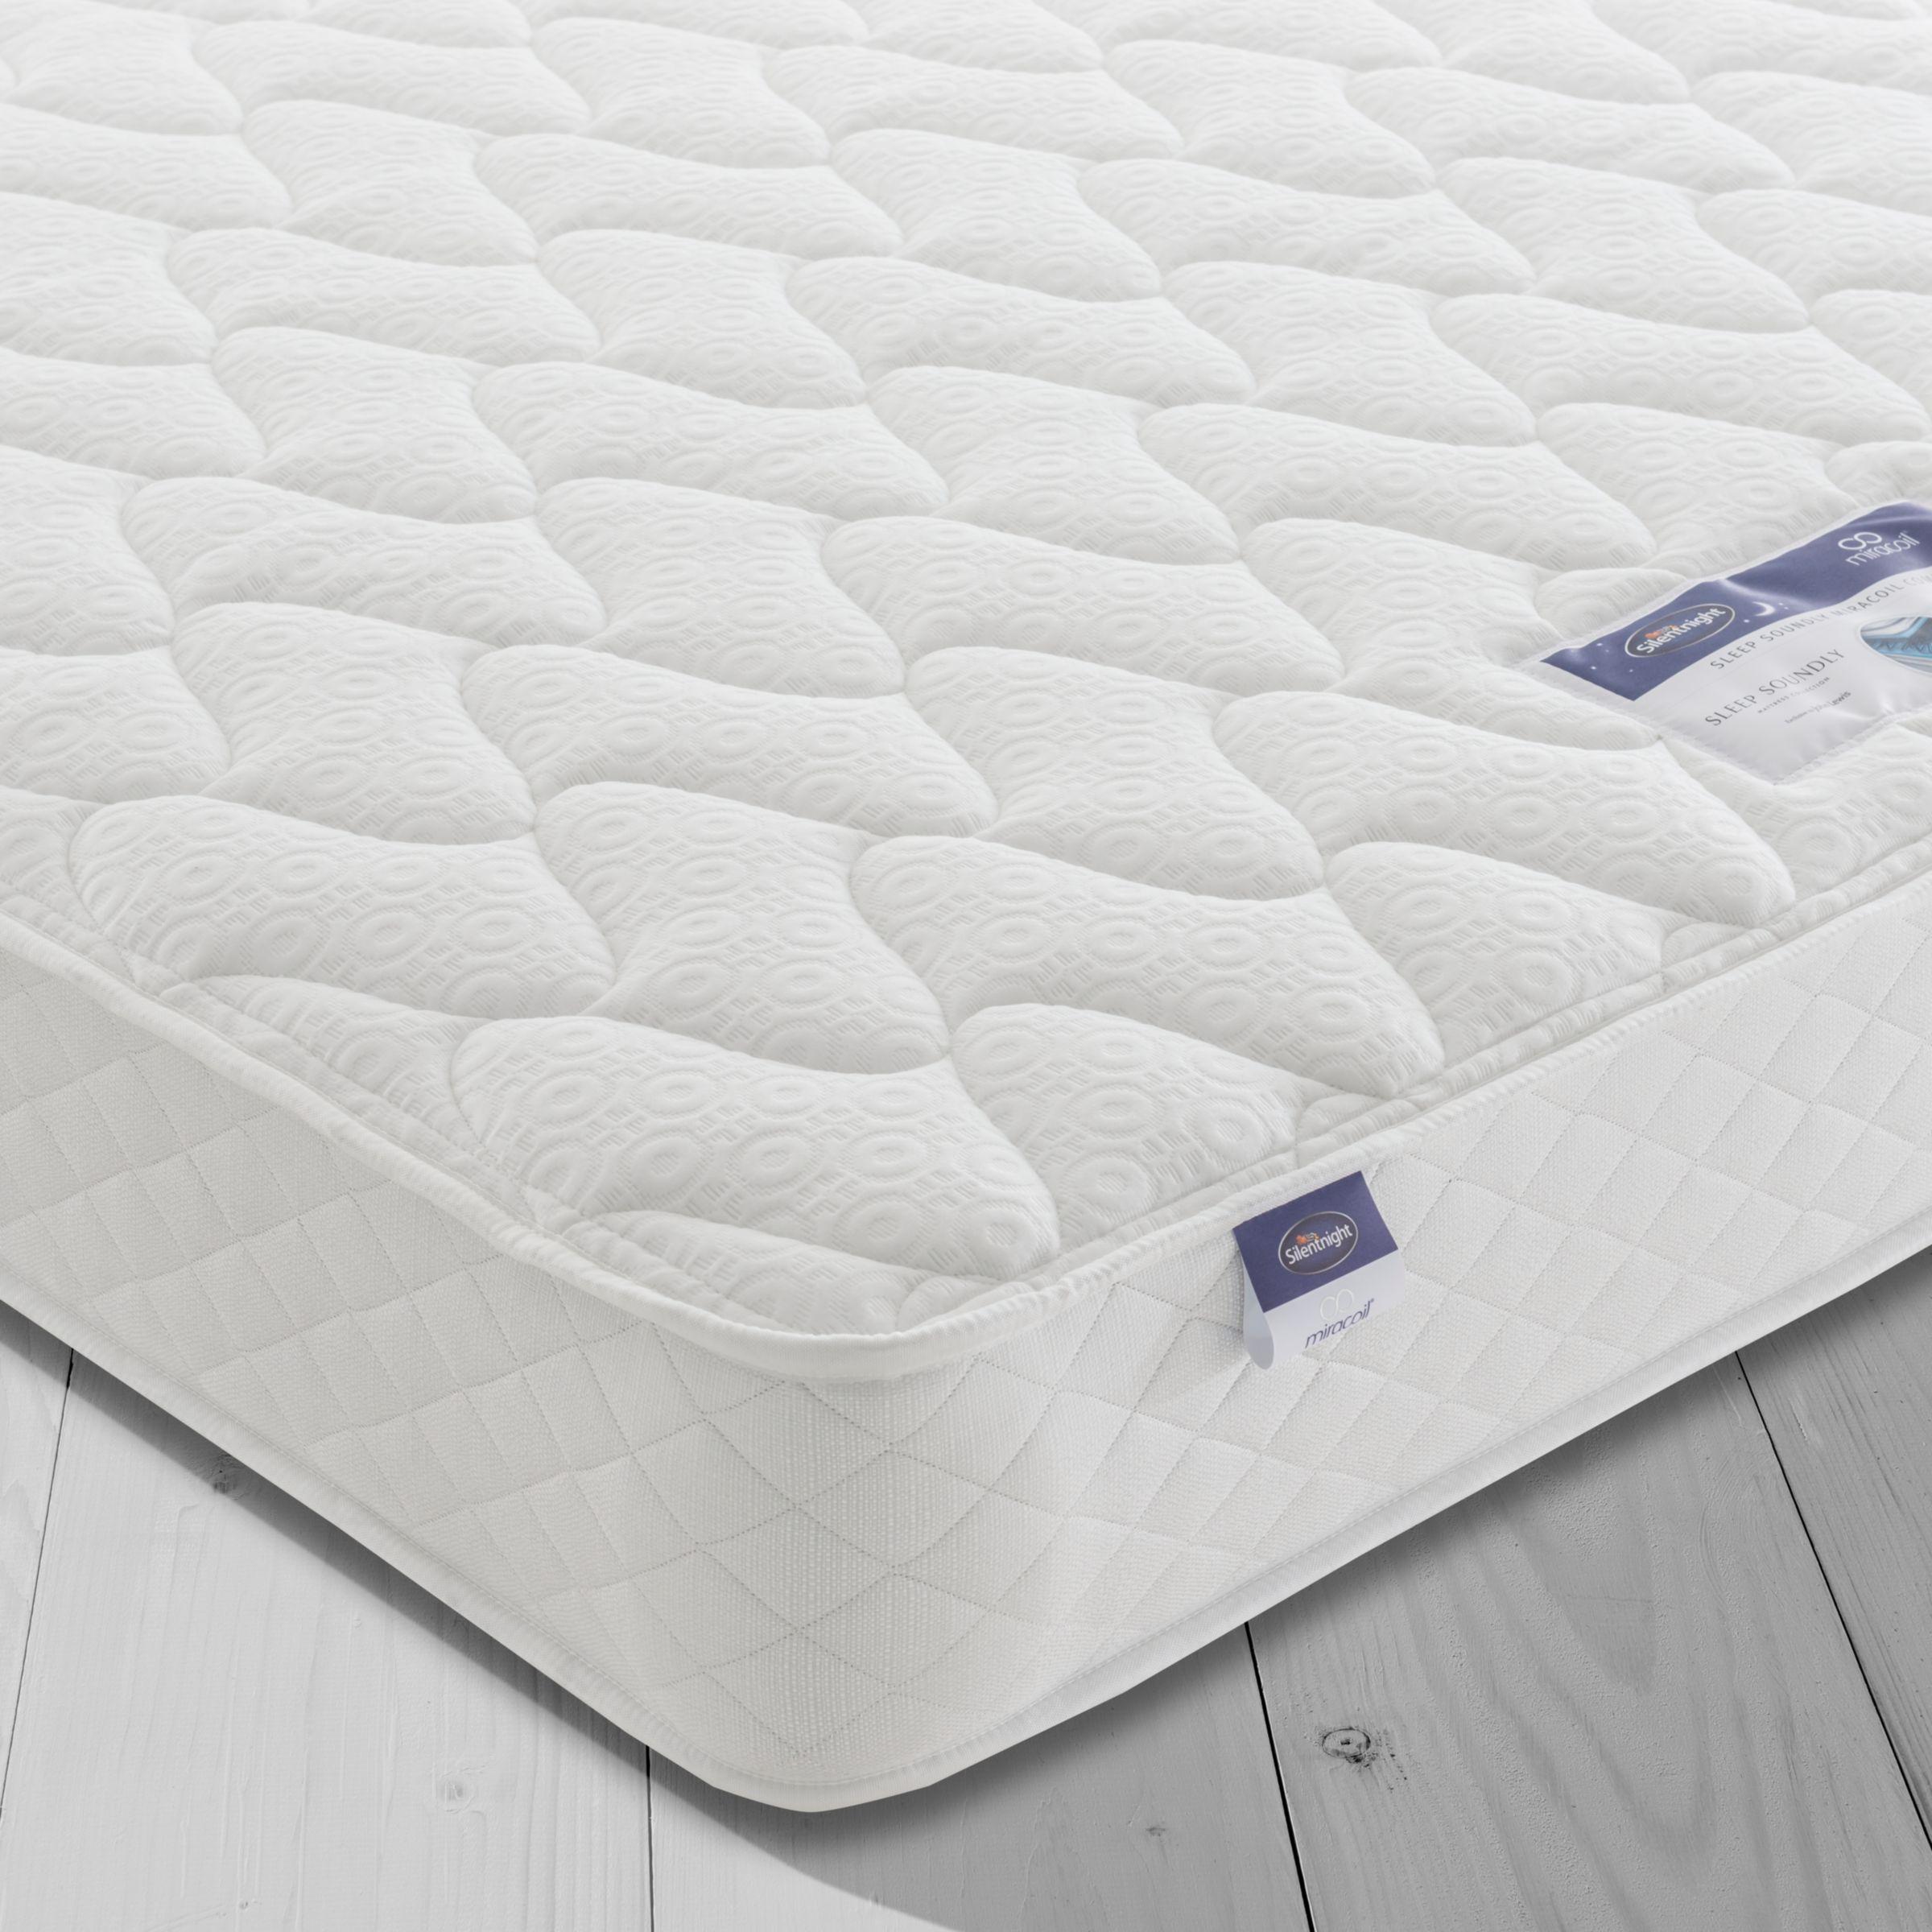 Silentnight Silentnight Sleep Soundly Miracoil Comfort Mattress, Firm, Double